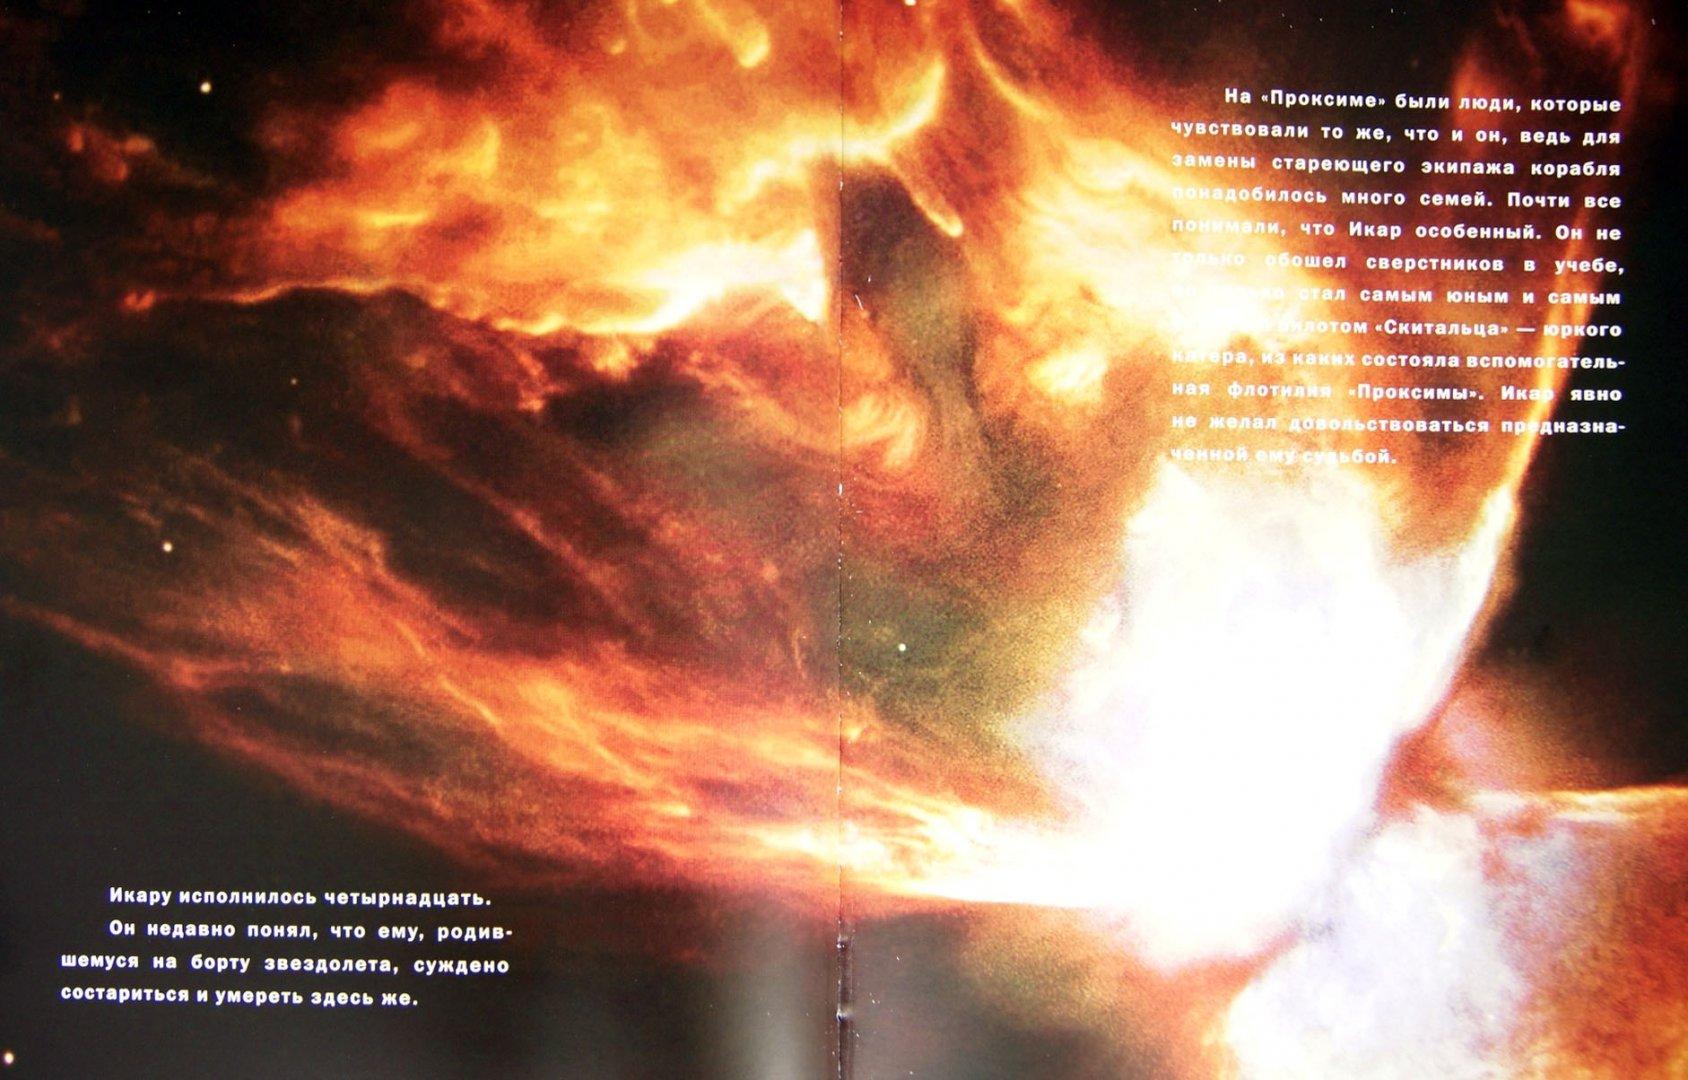 Иллюстрация 1 из 15 для Икар на краю времени - Брайан Грин | Лабиринт - книги. Источник: Лабиринт